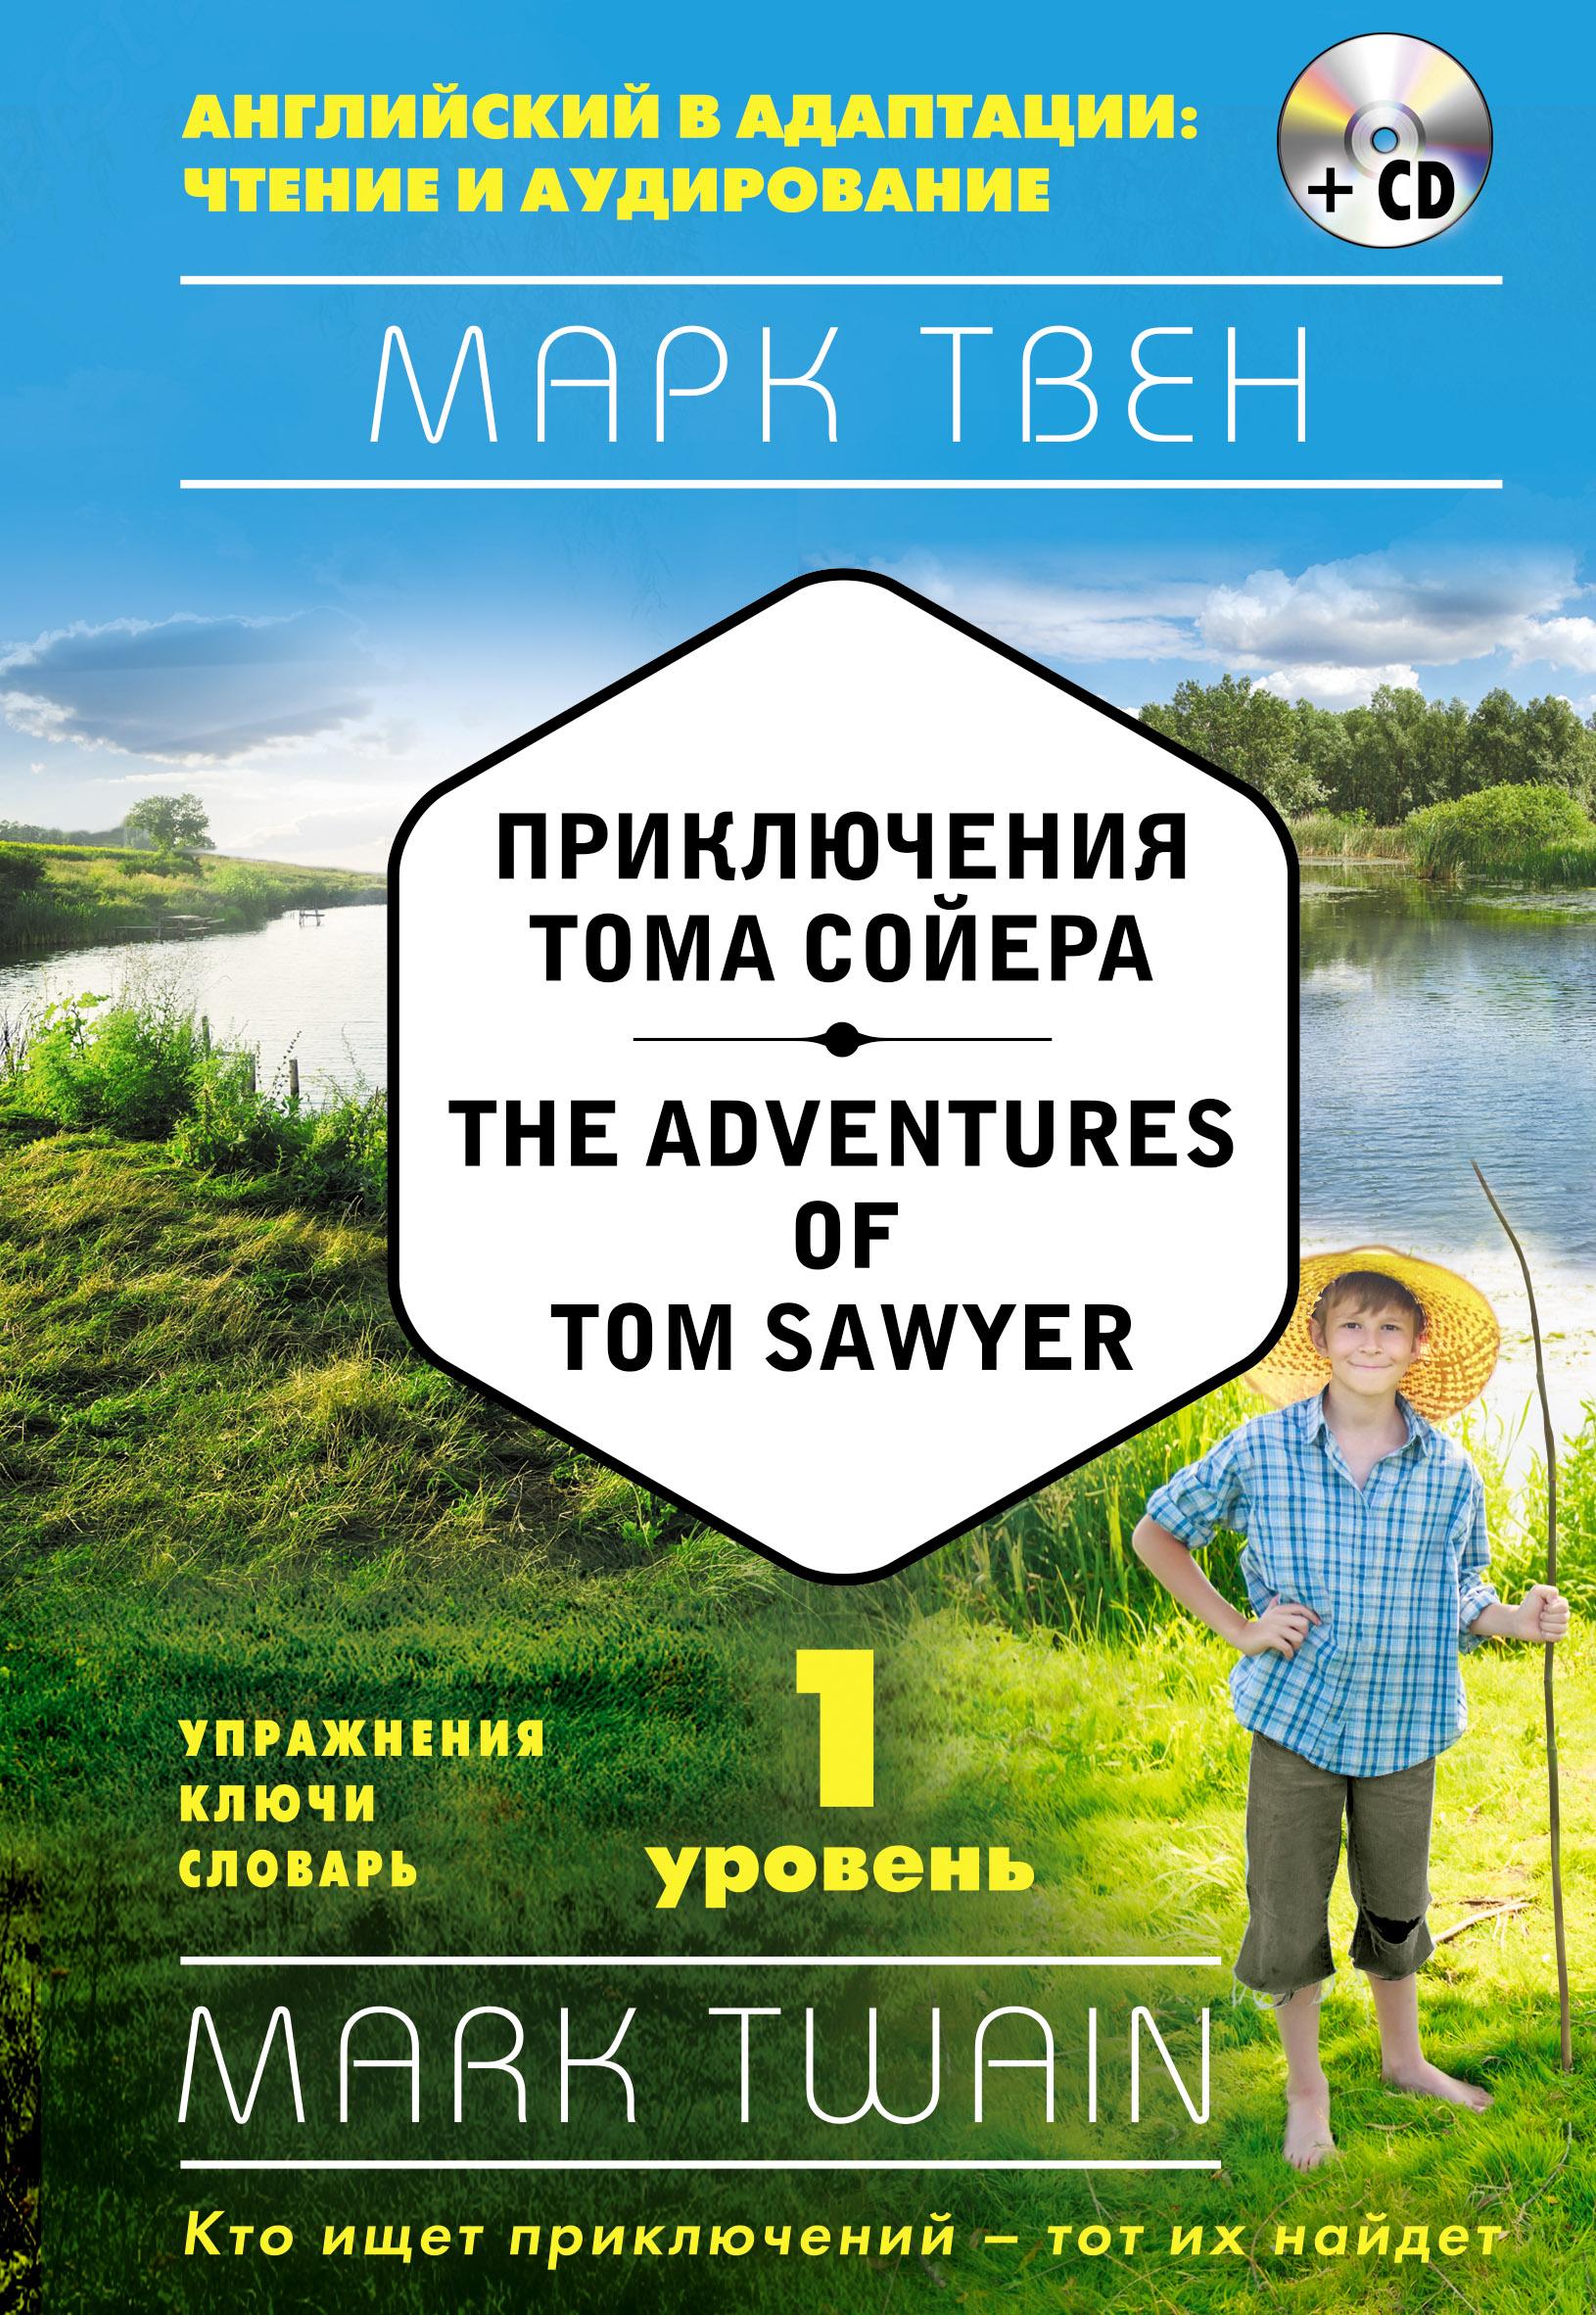 Марк Твен Приключения Тома Сойера. Уровень 1 / The Adventures of Tom Sawyer: Level 1 (+ СD) твен м the adventures of tom sawyer приключения тома сойера